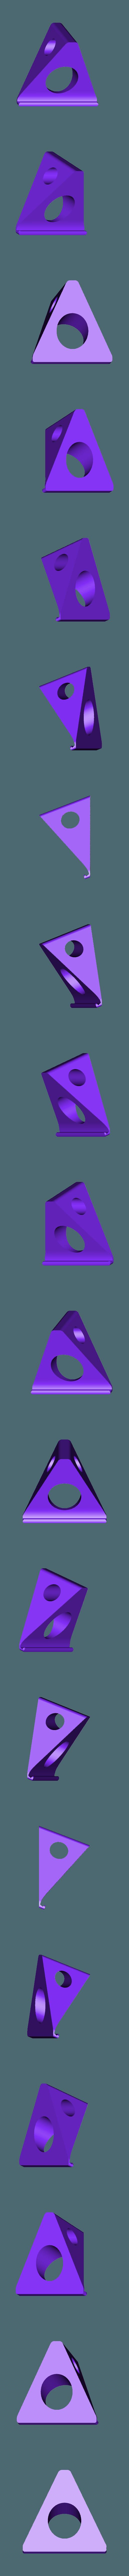 2013_rMBP_13_Display_Stand_v1-10_LARGE.STL Télécharger fichier STL gratuit Présentoir pour ordinateur portable (MacBook Pro) • Objet pour impression 3D, WalterHsiao